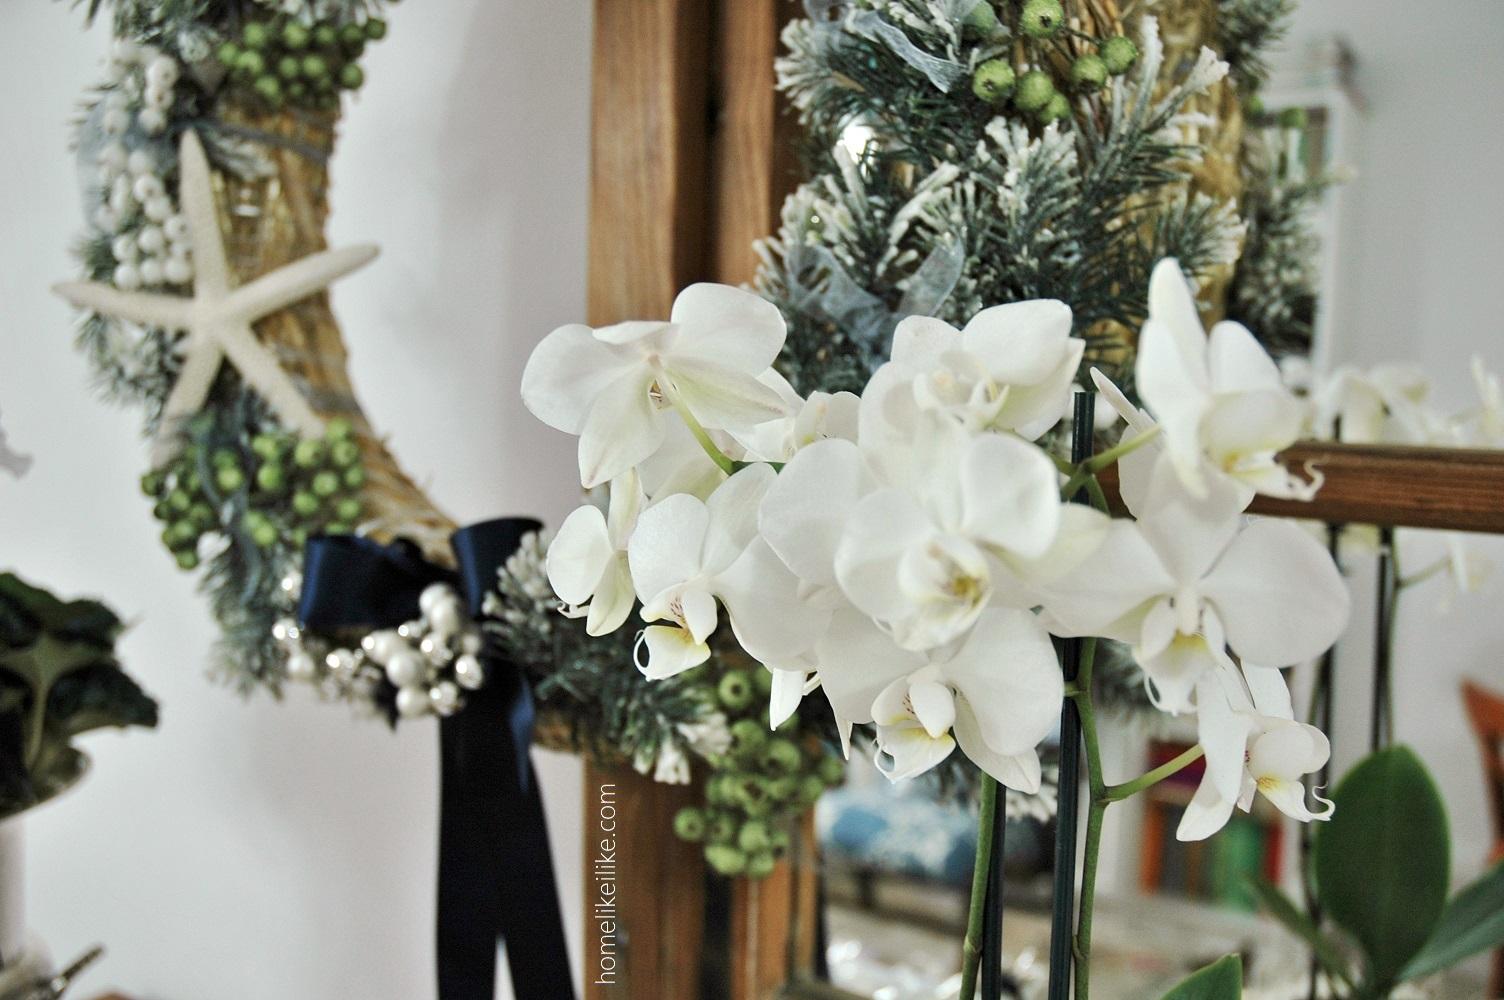 białe kwiaty świąteczne dekoracje - homelikeilike.com